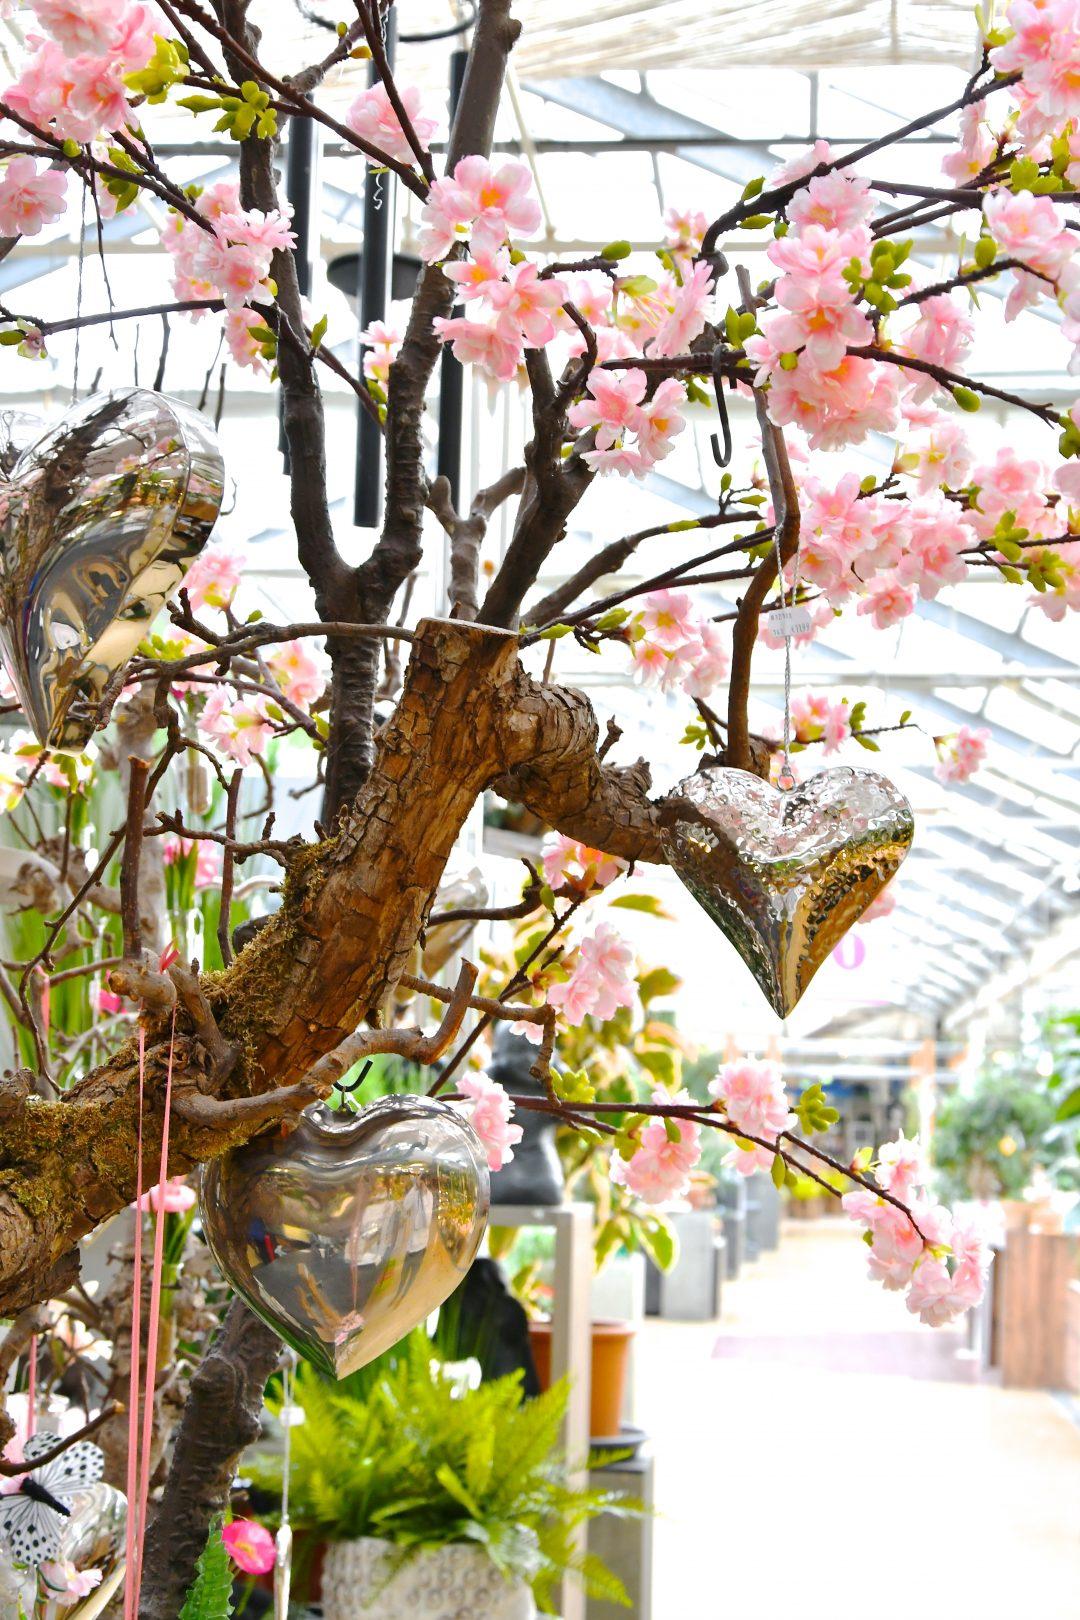 Auf diesem Bild sind die Äste eines Apfelbaumes zu sehen an dem dekorative silberne Herzen gehangen wurden. Ein künstlicher Ast mit Kirschblüten ist im Hintergrund zu sehen.